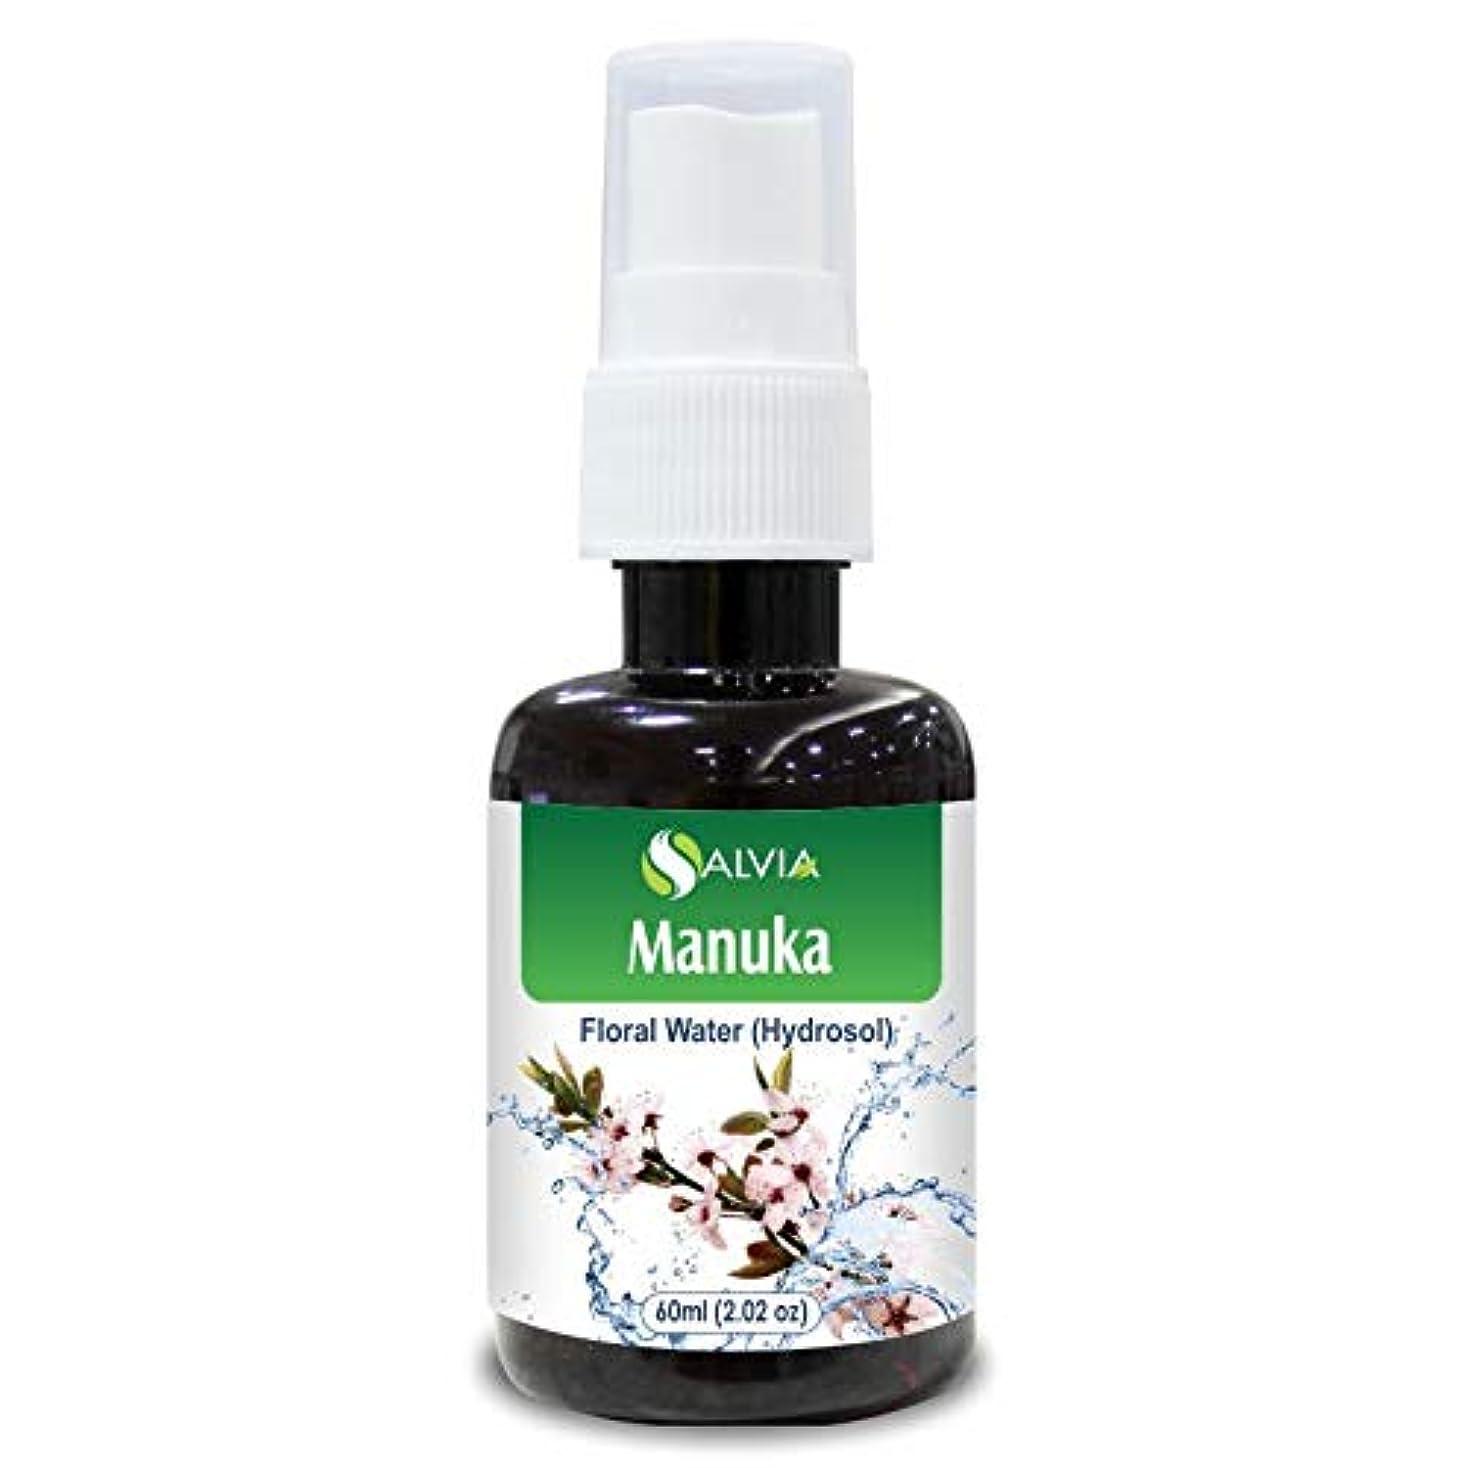 濃度解凍する、雪解け、霜解けごみManuka Floral Water 60ml (Hydrosol) 100% Pure And Natural